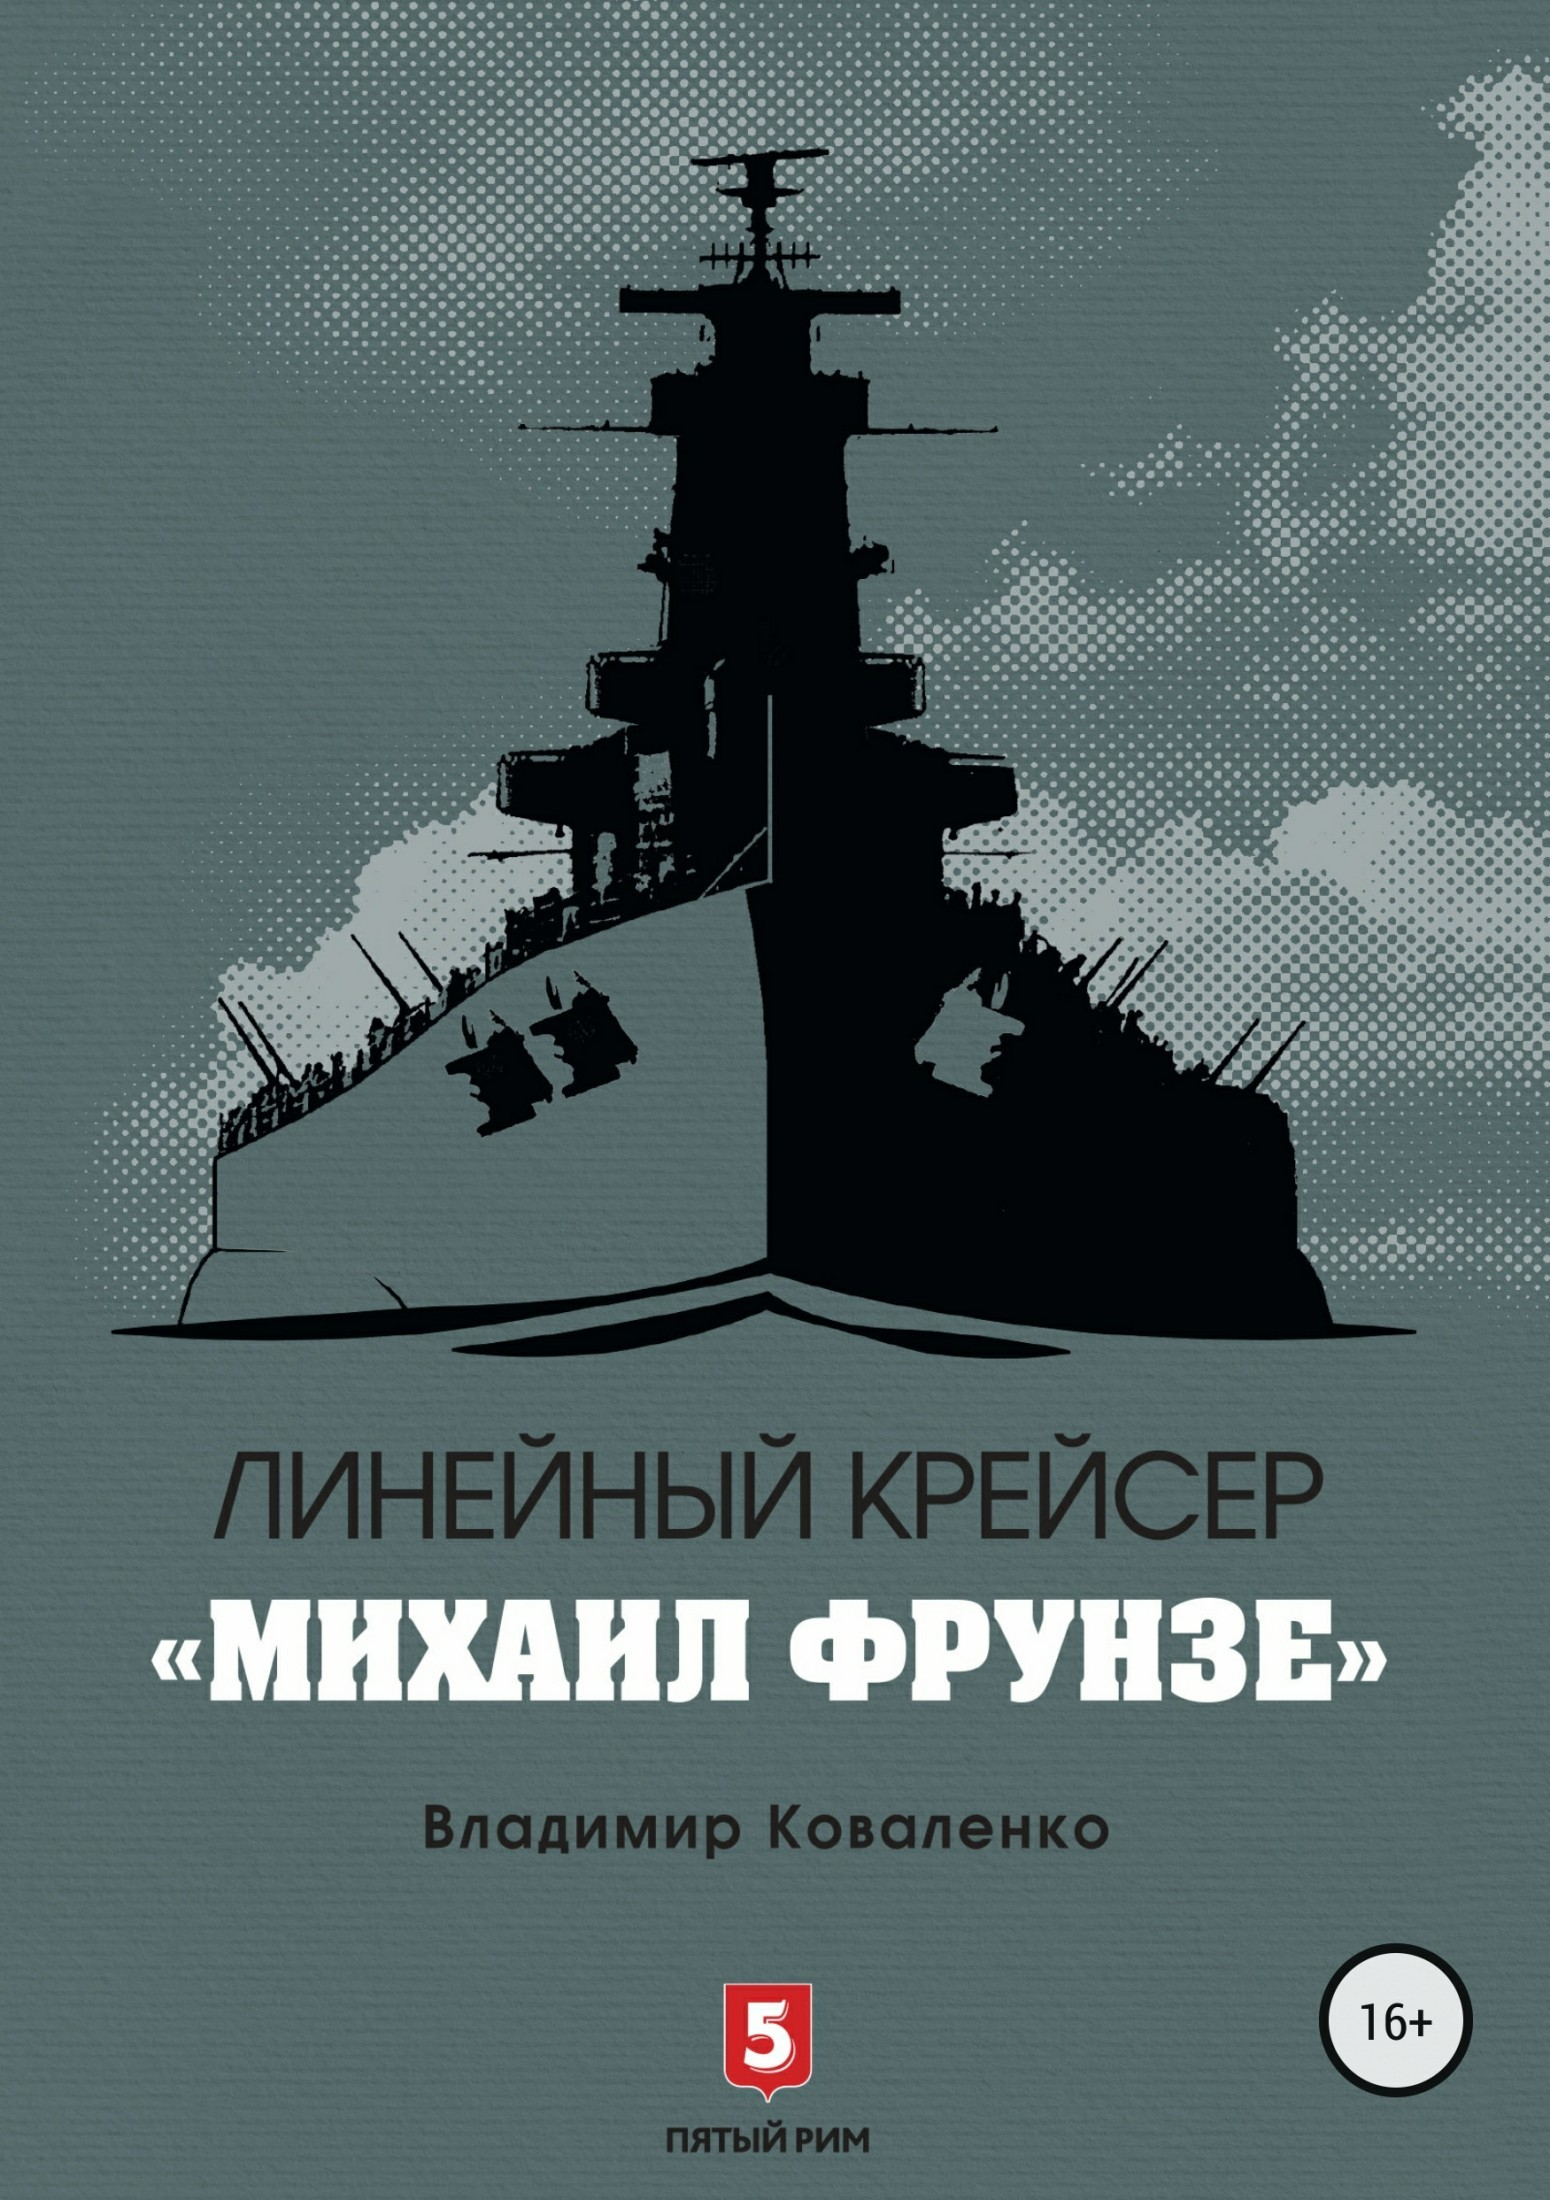 Владимир Коваленко. Линейный крейсер «Михаил Фрунзе»